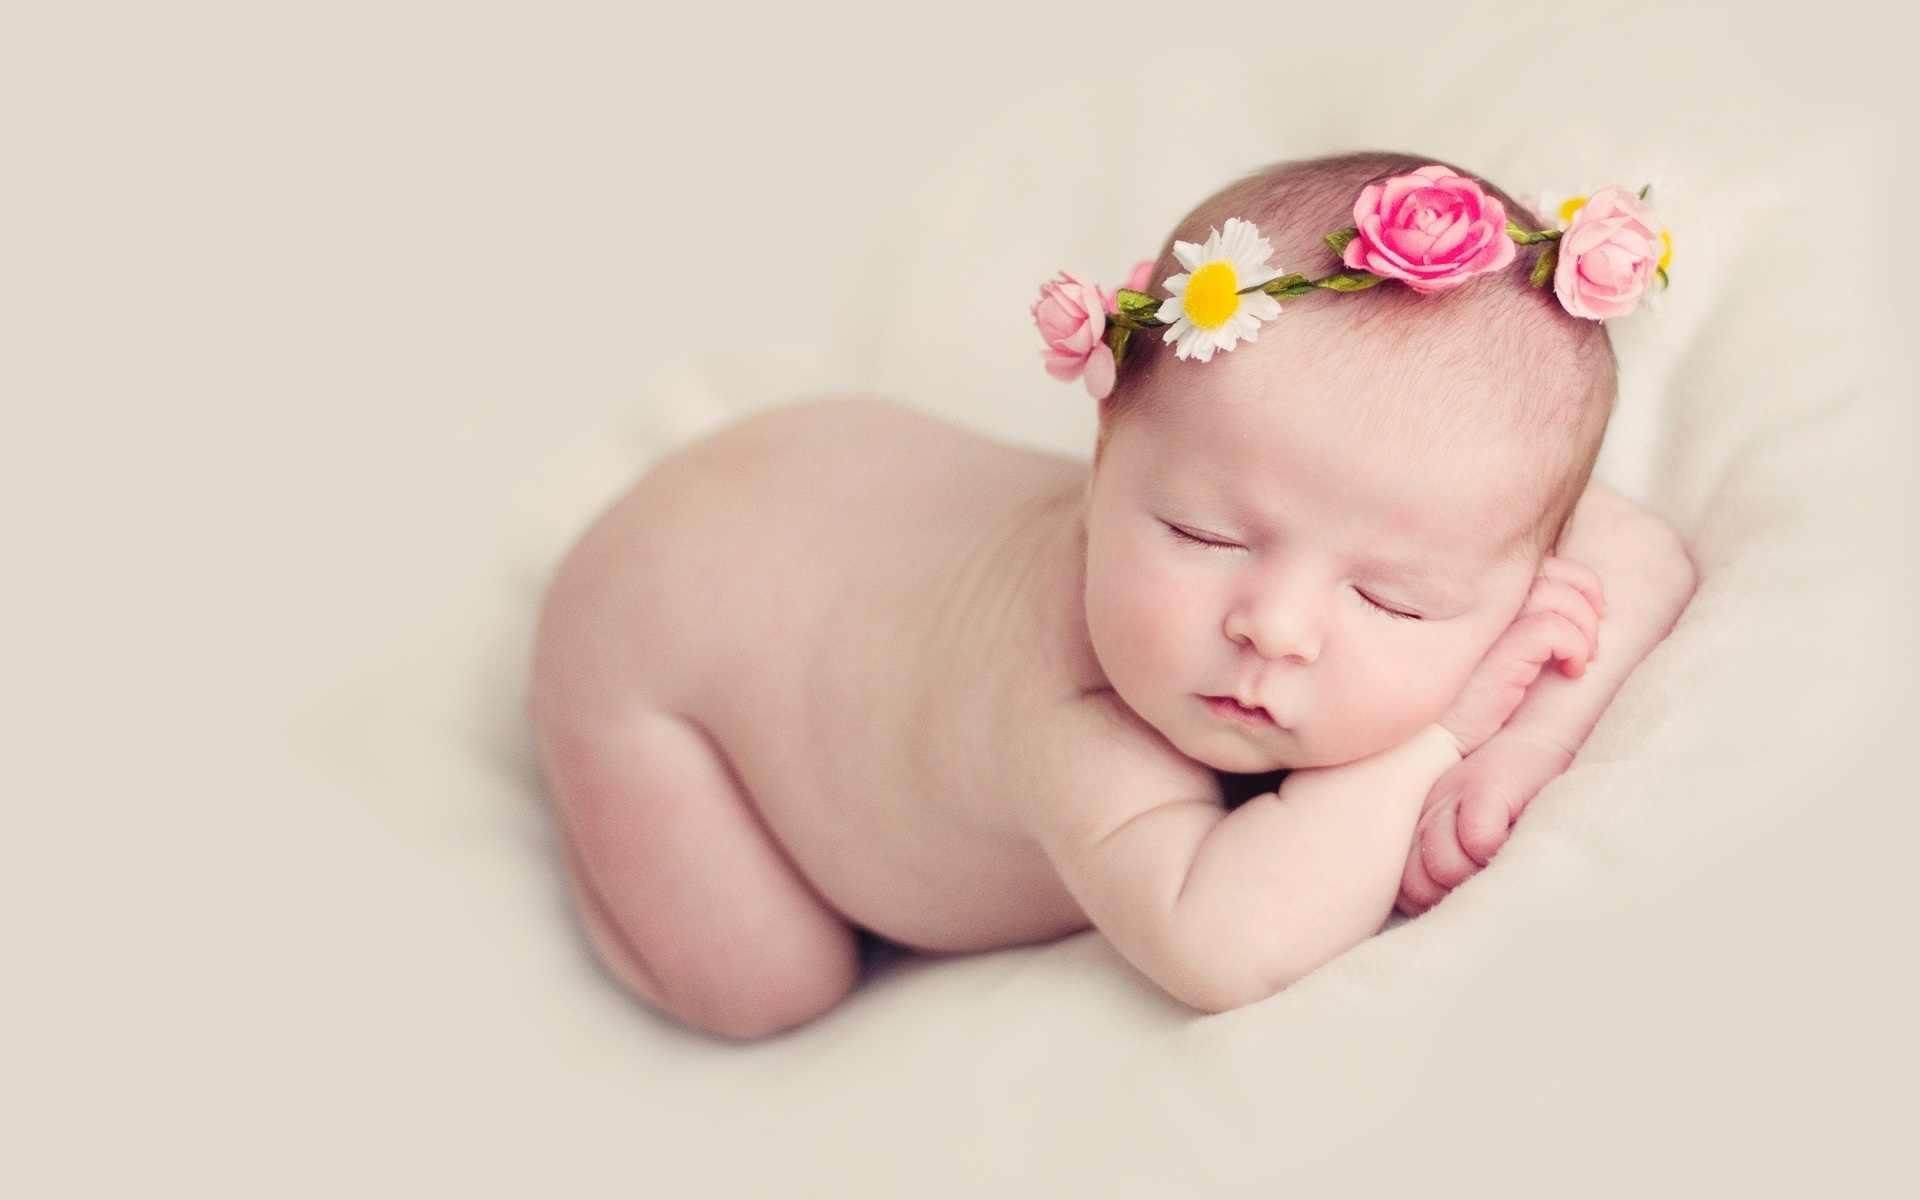 بالصور اطفال صغار , اطفال حلوين كيوت 3497 8